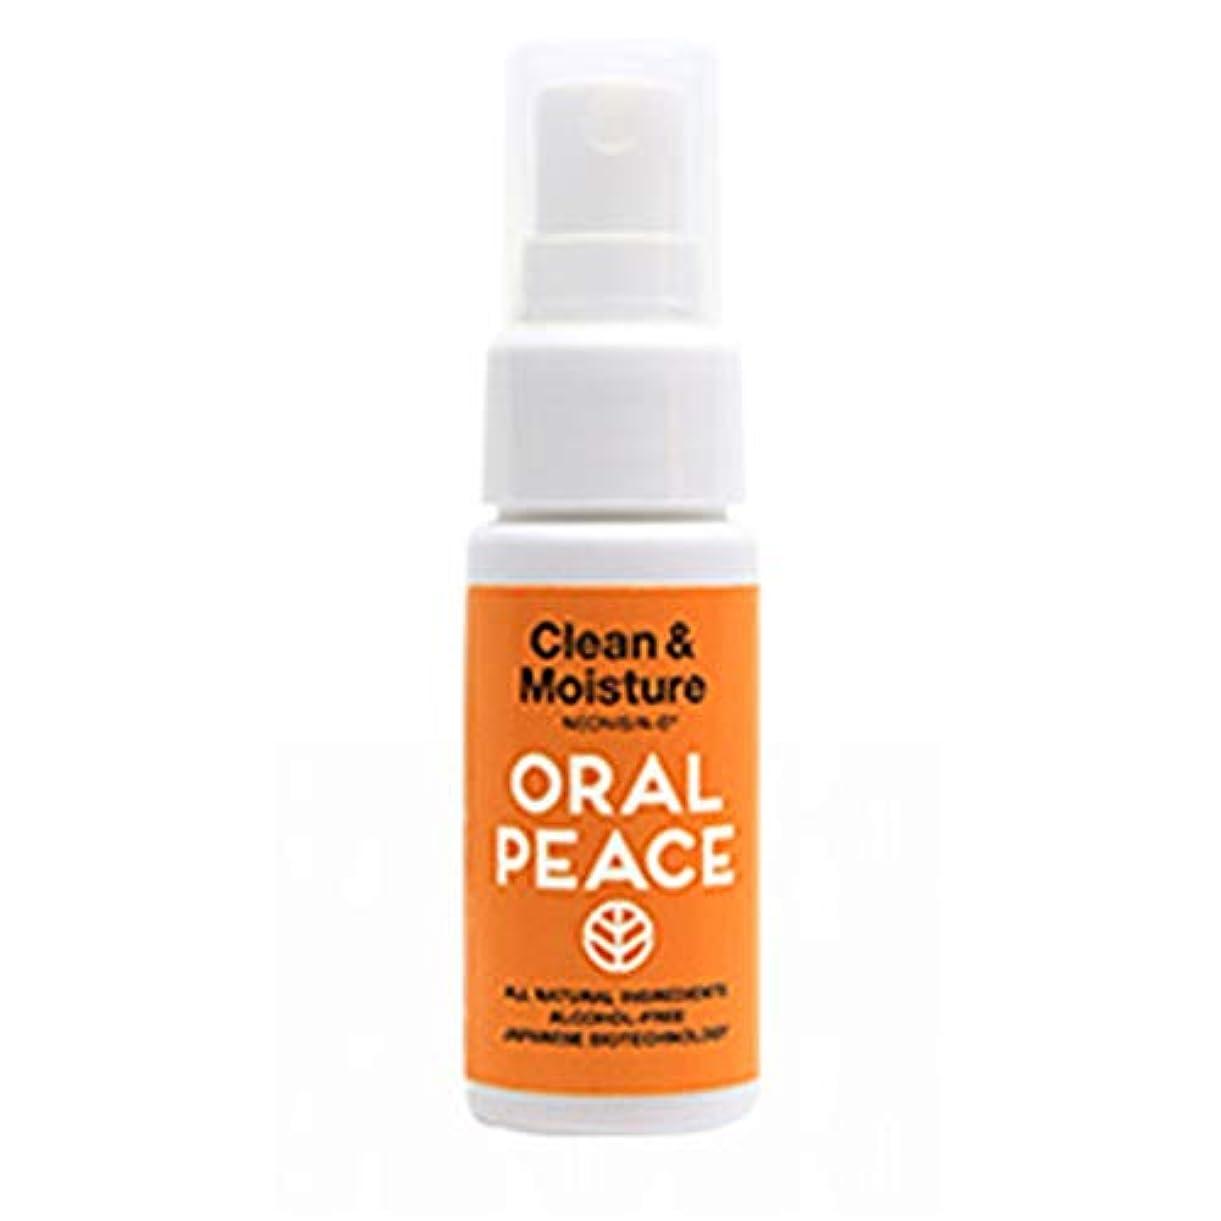 恐怖しつけ和らげるORALPEACE オーラルピース クリーン&モイスチュアスプレー 30ml サンシャインオレンジ